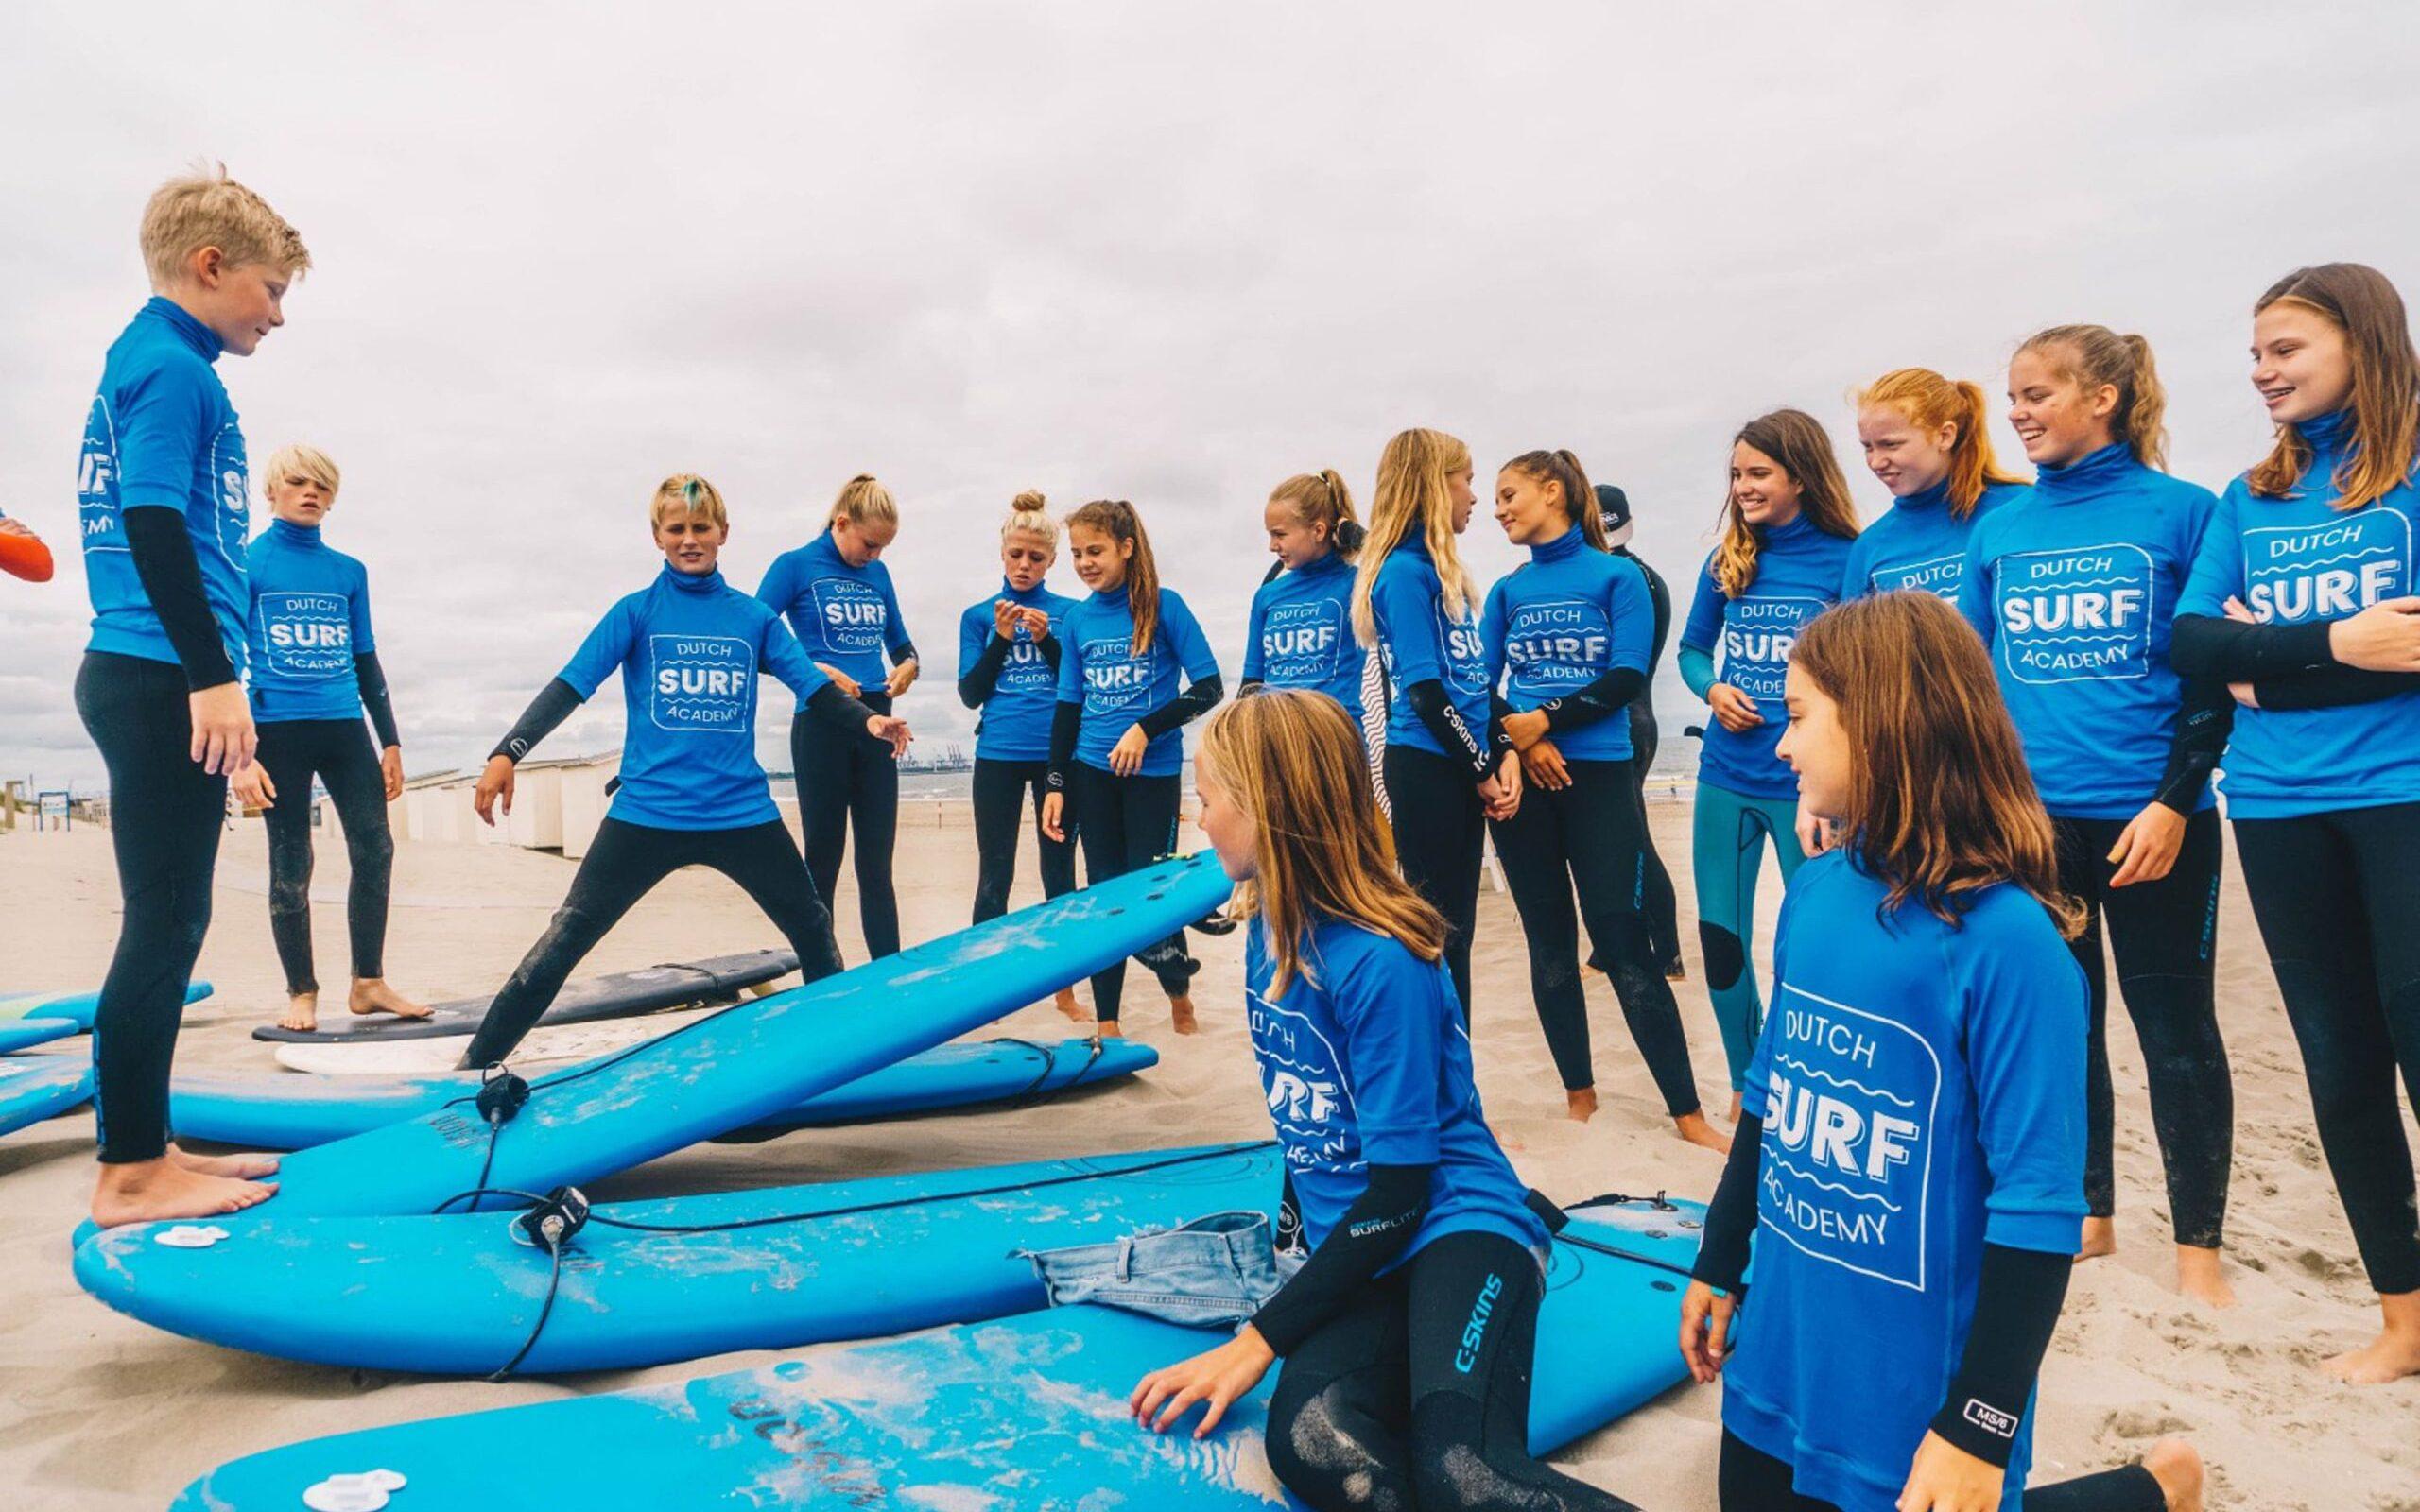 Kinderen op surfkamp chillen